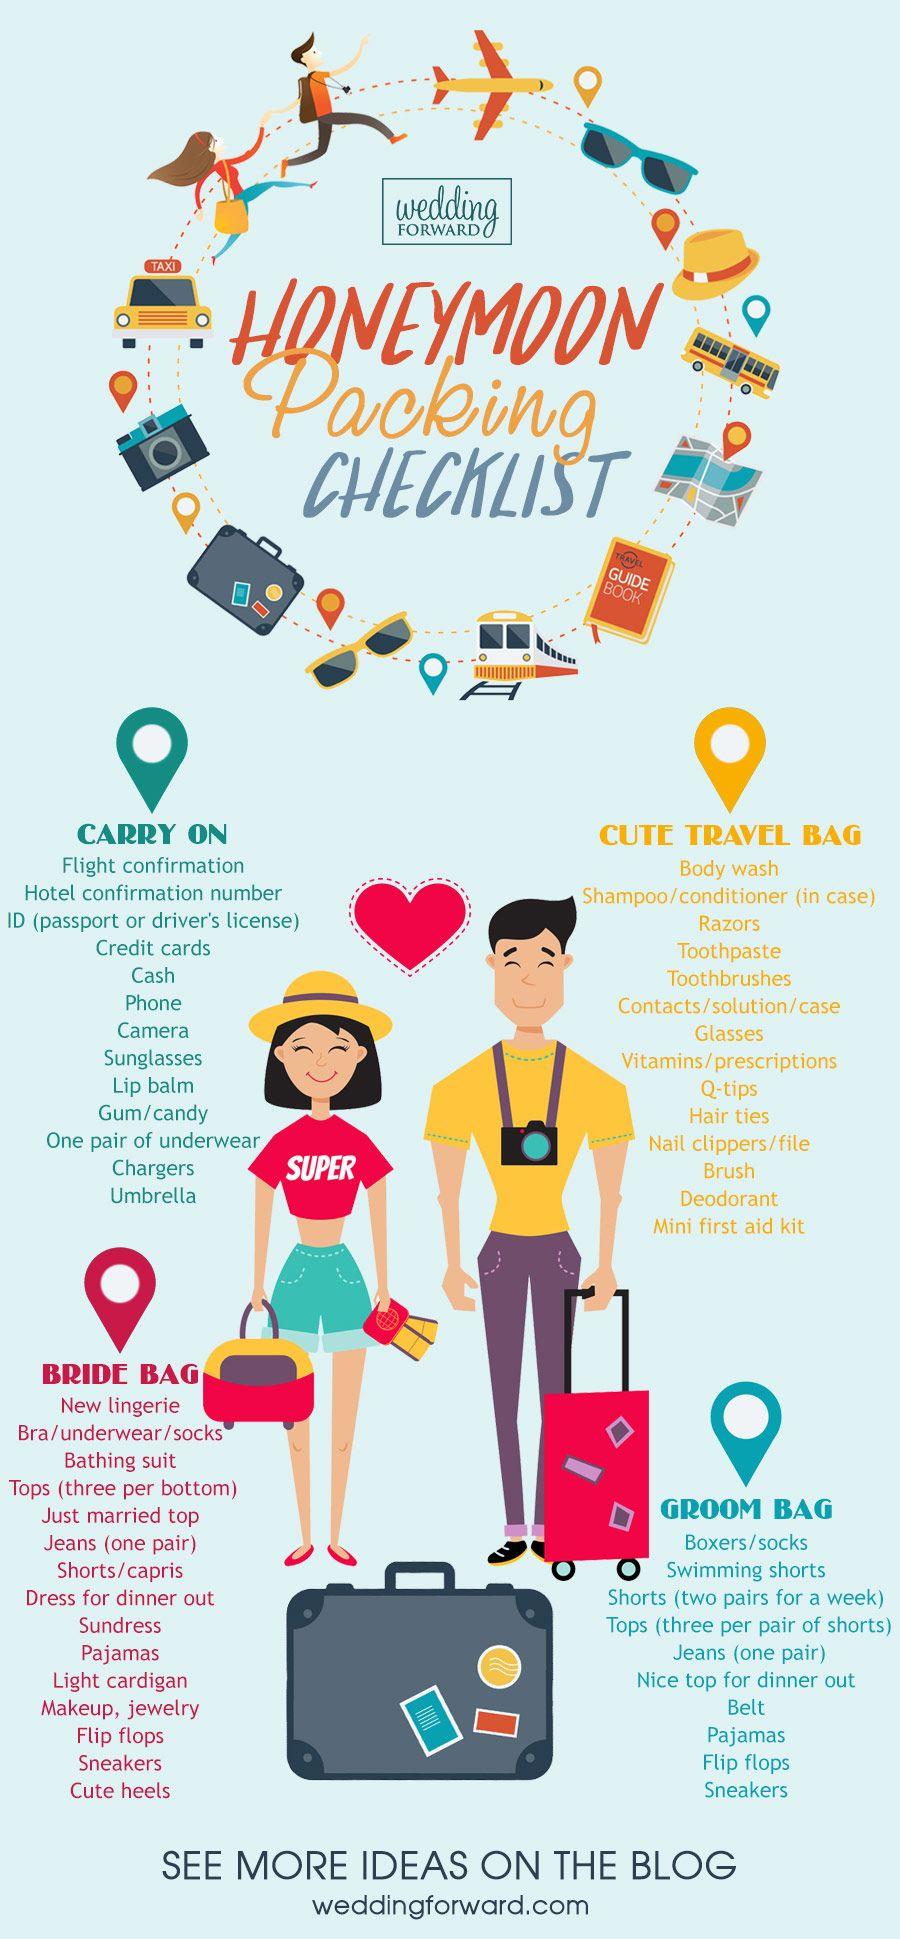 Ultimate Honeymoon Packing List In 2019